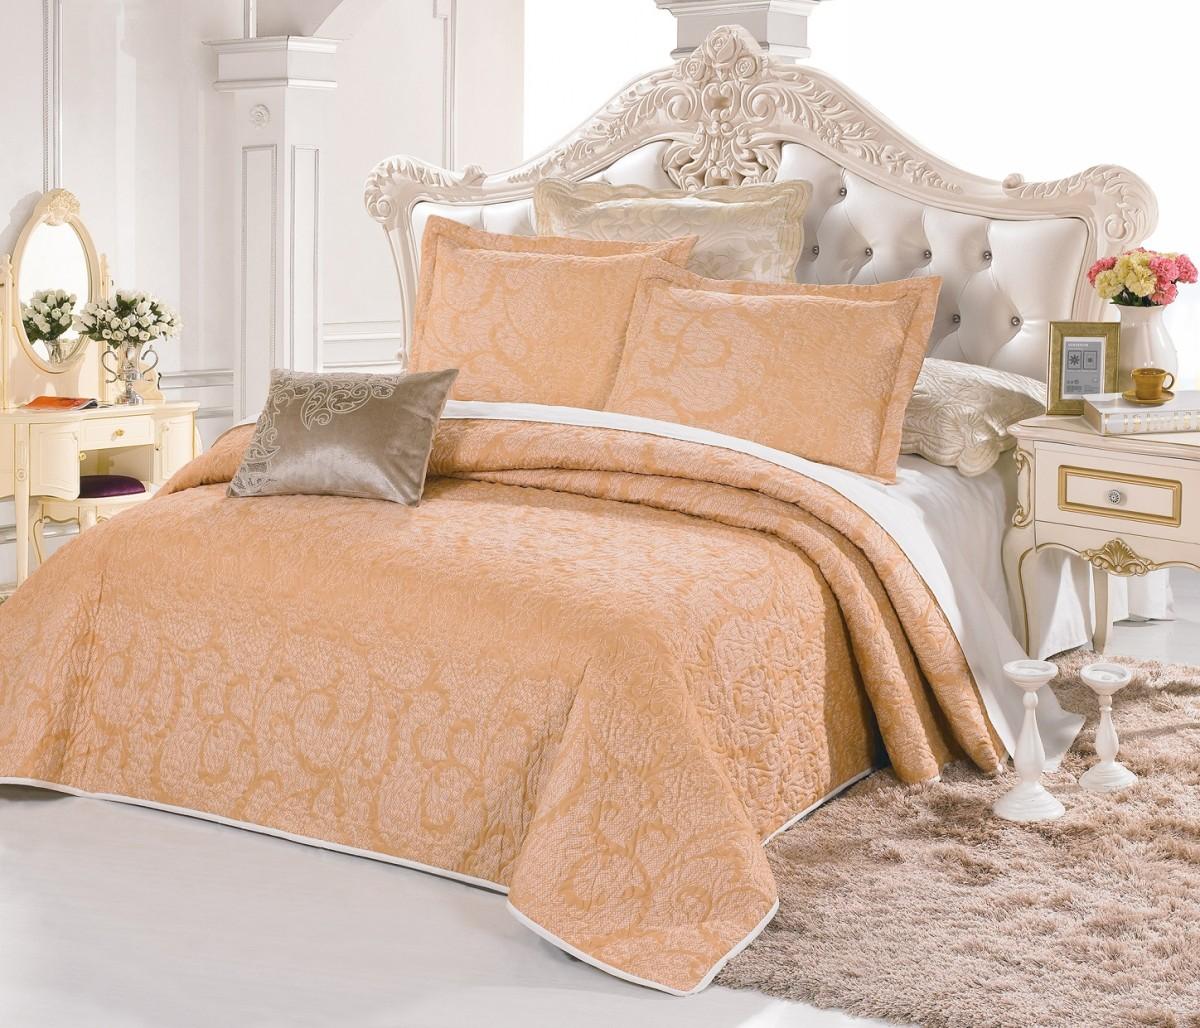 ПокрывалоПокрывала<br>Покрывало на кровать из нежной микрофибры – элегантное, современное, со стильными расцветками прекрасно украсит спальню.&amp;lt;br&amp;gt;&amp;lt;br&amp;gt;&amp;lt;div&amp;gt;В комплект входят покрывало и две наволочки.&amp;lt;/div&amp;gt;&amp;lt;div&amp;gt;Размер покрывала: 250х230 см&amp;lt;/div&amp;gt;&amp;lt;div&amp;gt;Размер наволочки: 70х50 см&amp;lt;/div&amp;gt;<br><br>Material: Текстиль<br>Length см: 250<br>Width см: 230